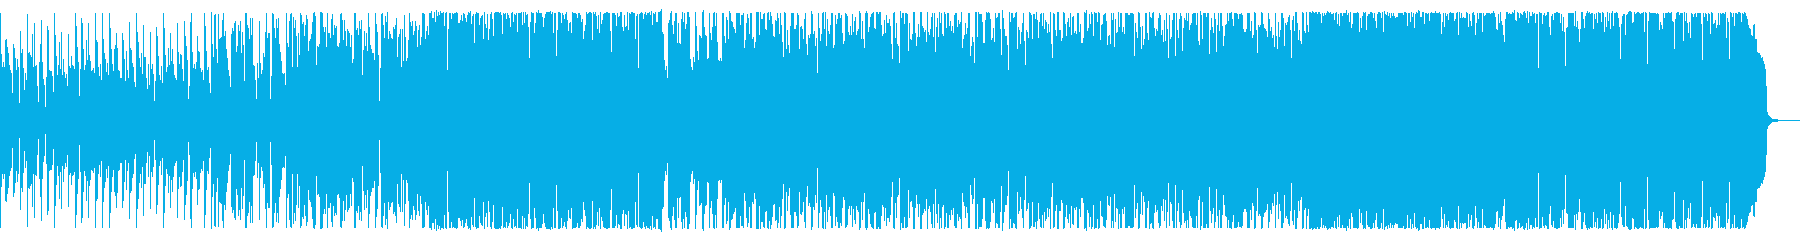 軽快で少し切ないフュージョンロックの再生済みの波形